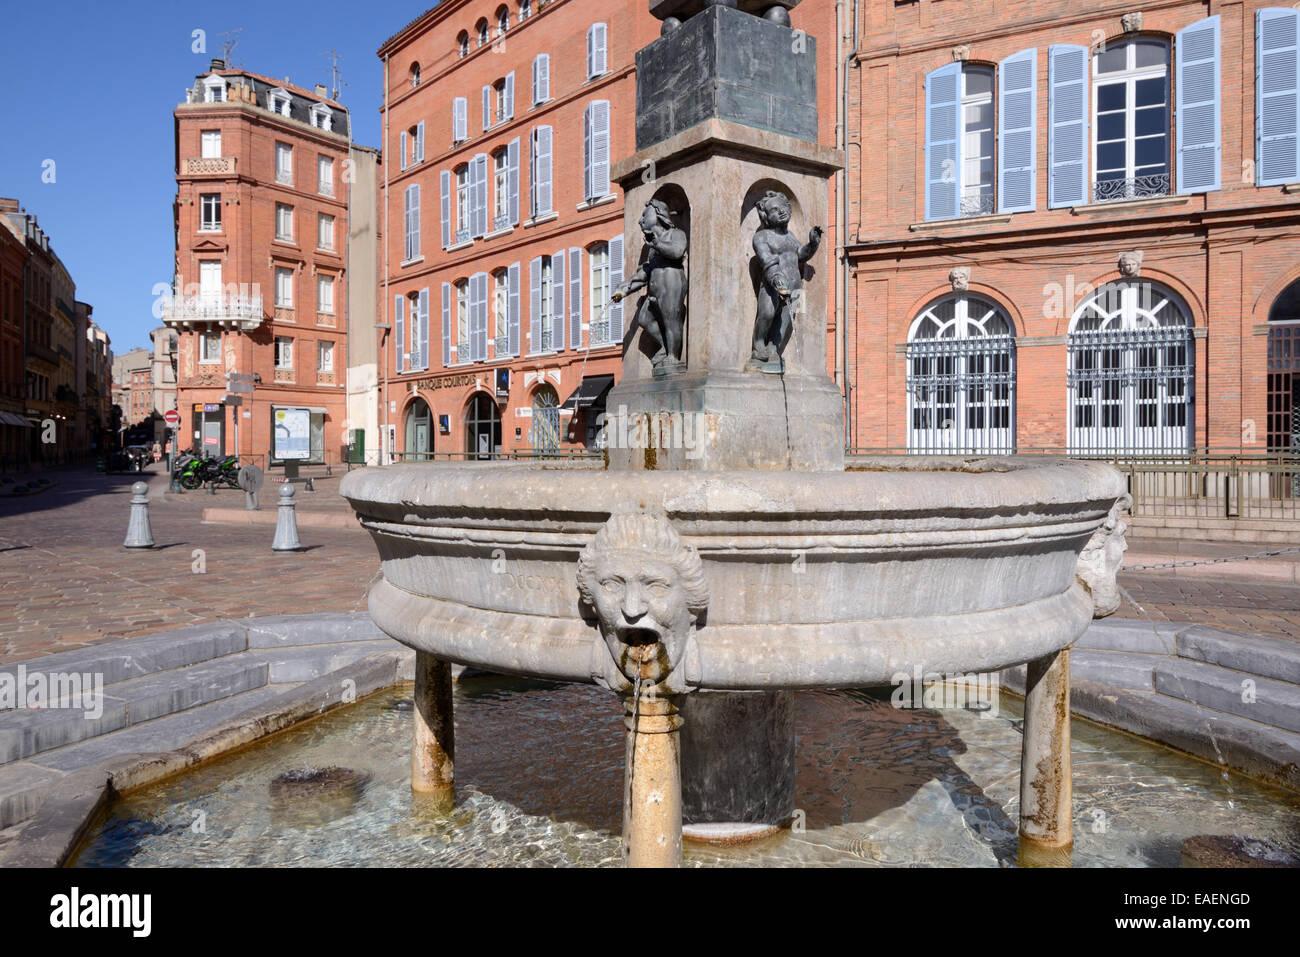 Fuente de la calle en lugar de Etienne o Plaza de la ciudad y arquitectura de ladrillo rojo Toulouse Francia Imagen De Stock